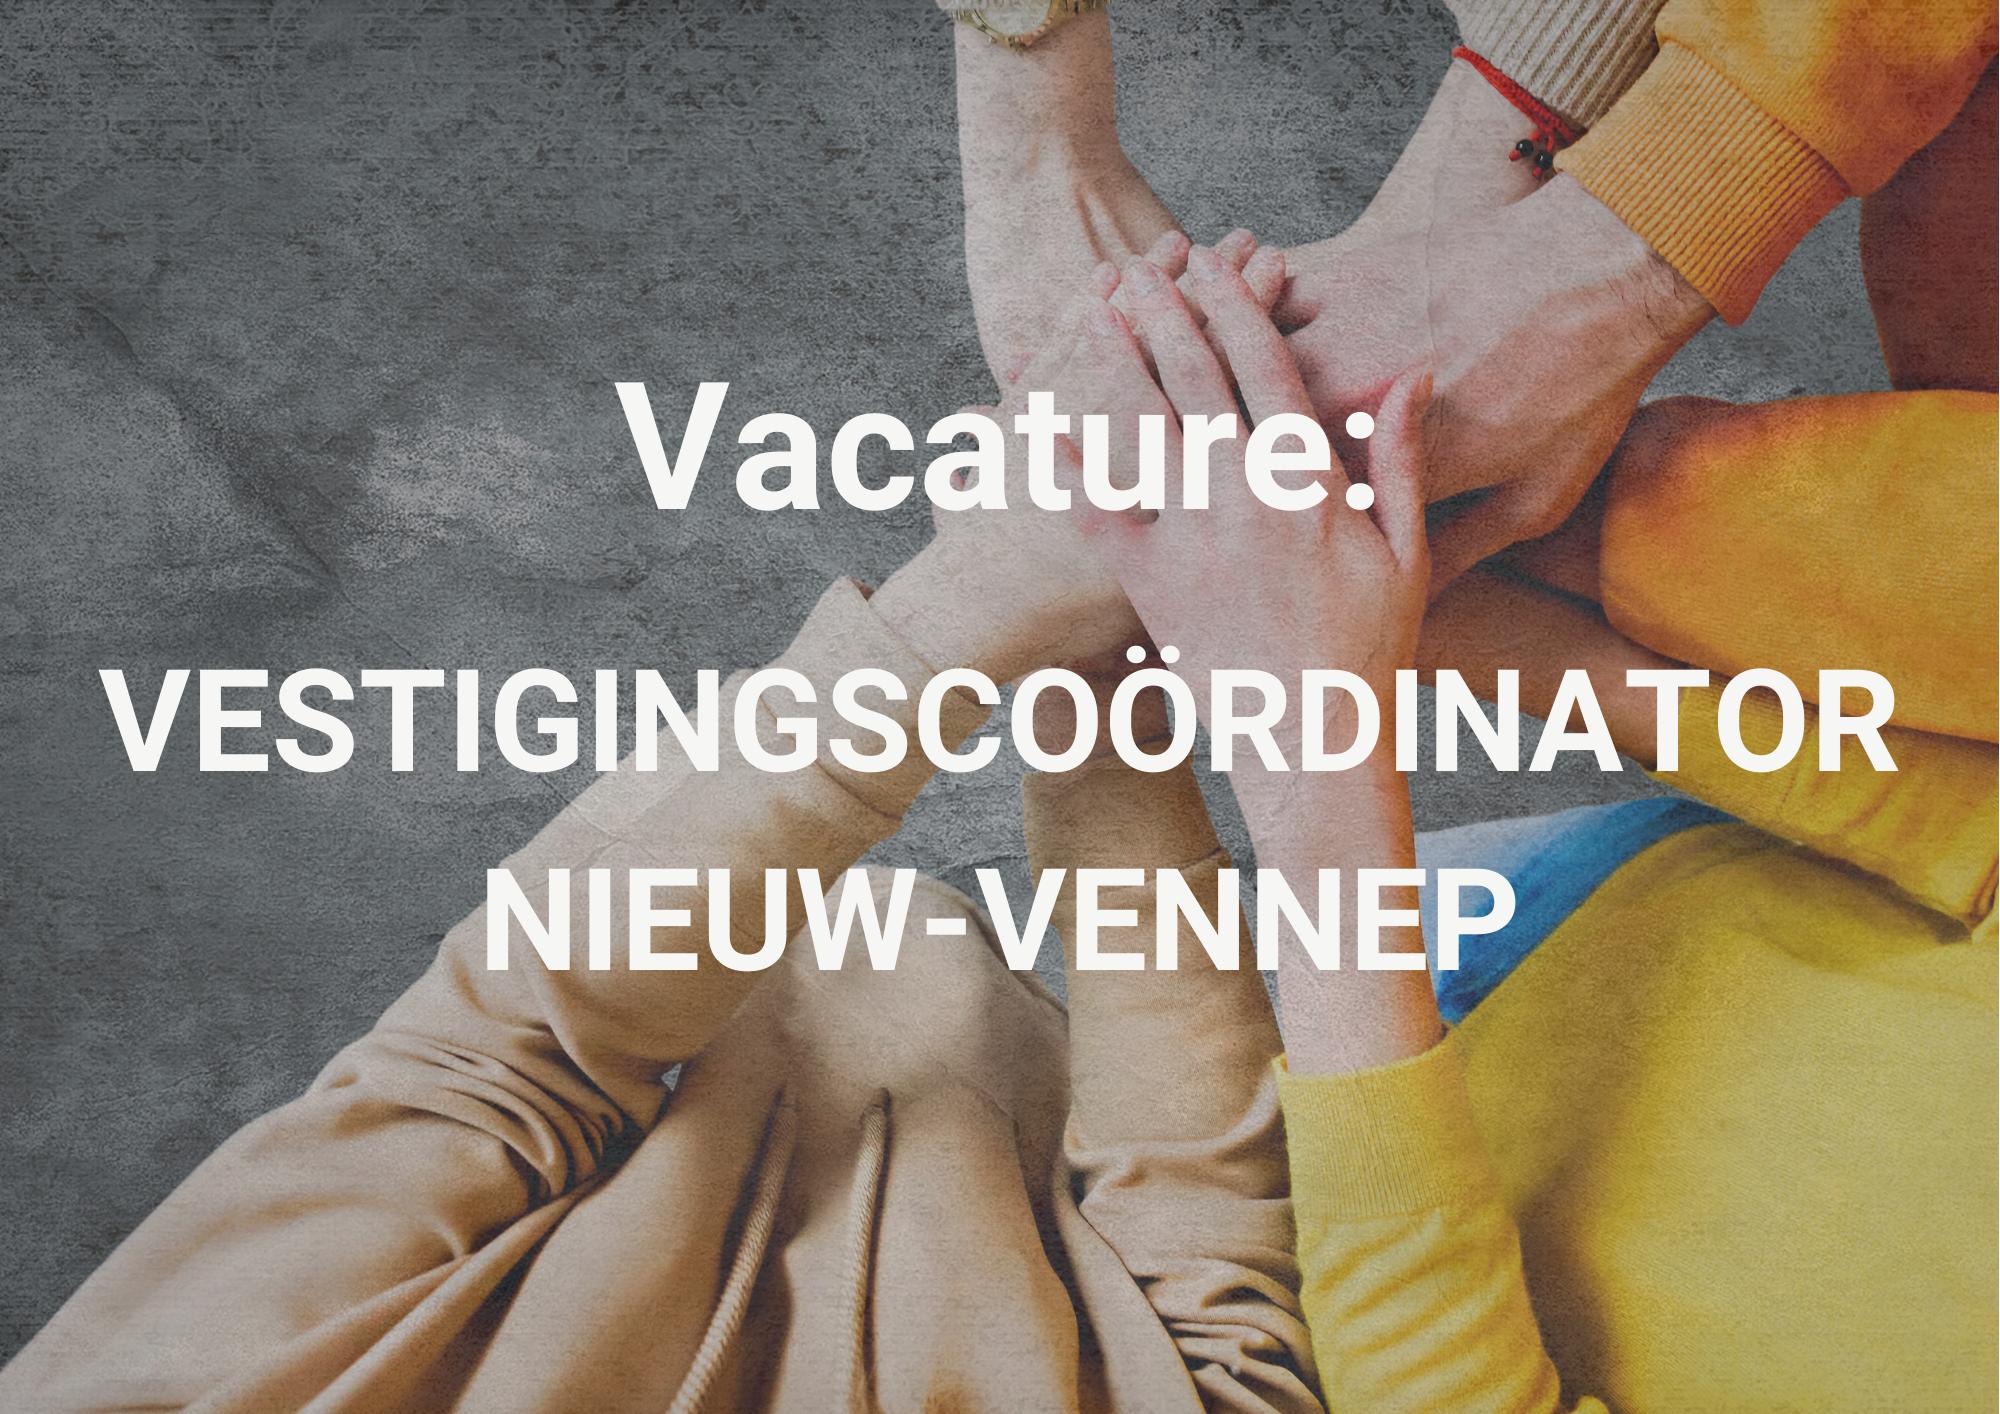 Vacature Vestigingscoördinator Nieuw-Vennep